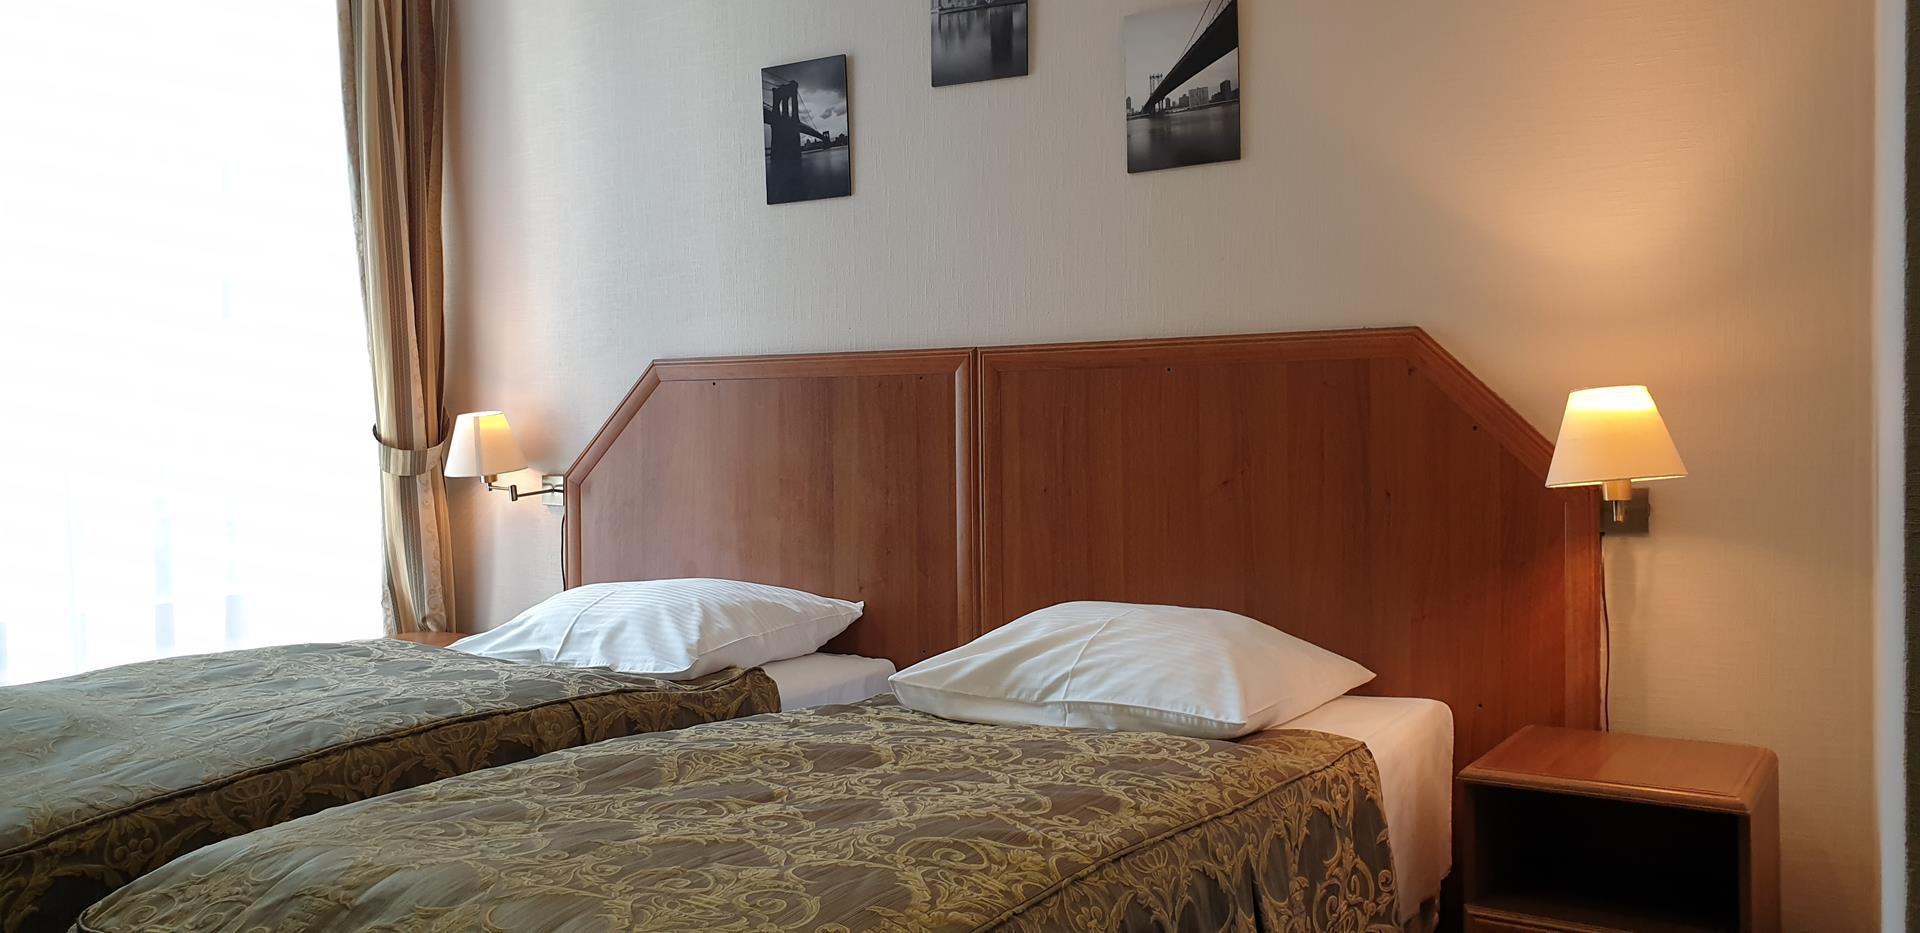 hotel zorza podwójne łóżka